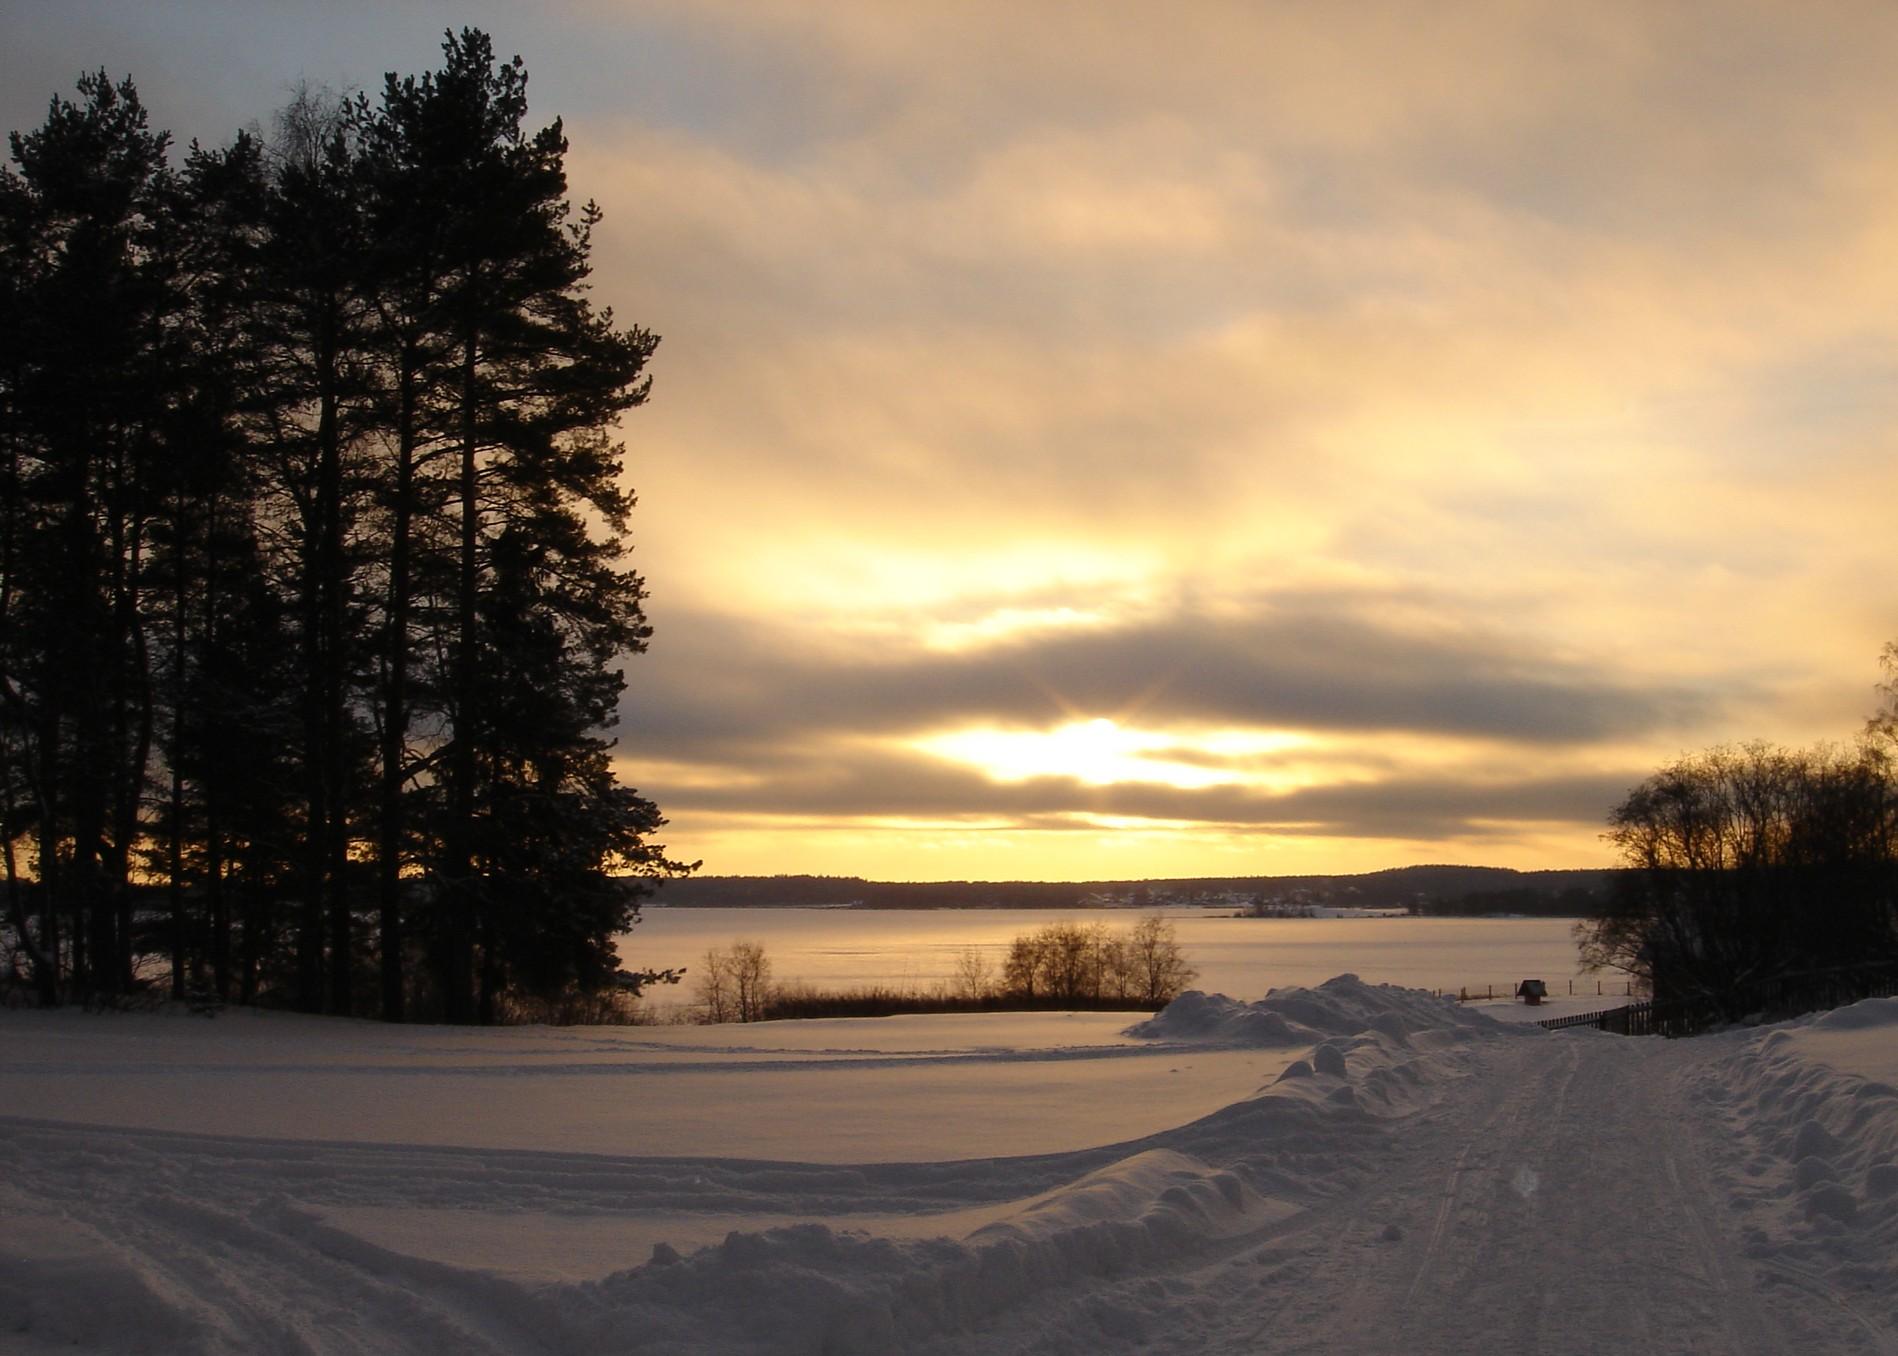 зимняя-дорога-и-закат-в-загородном-отеле-на-озере.jpg